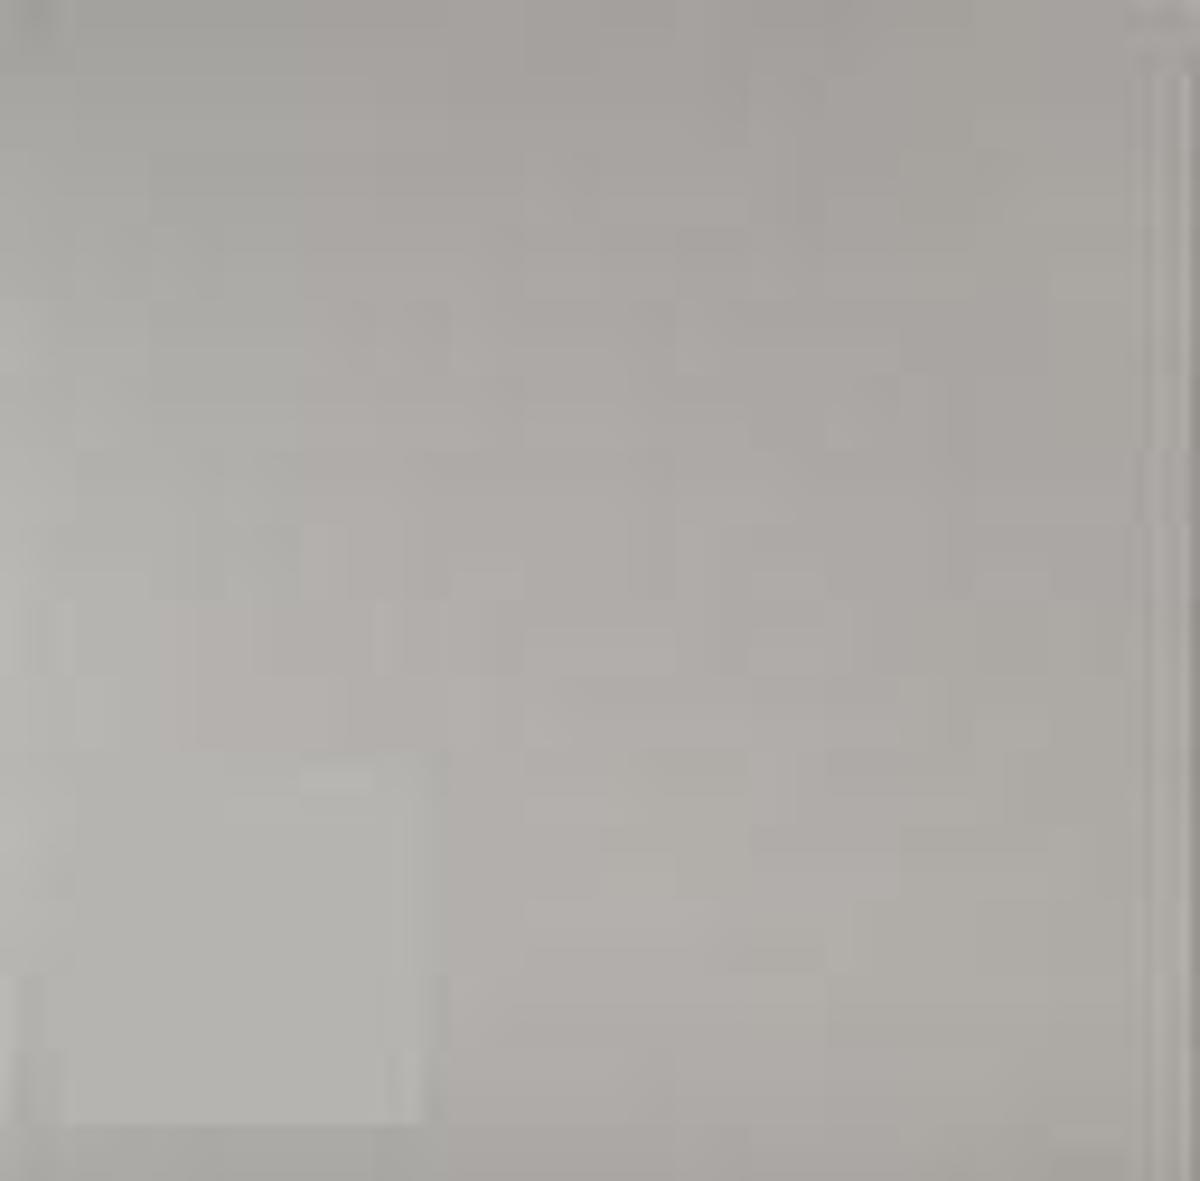 Vloertegel Neutral cemento 60,0x60,0 cm -  Grijs Prijs per 1,44 m2. kopen